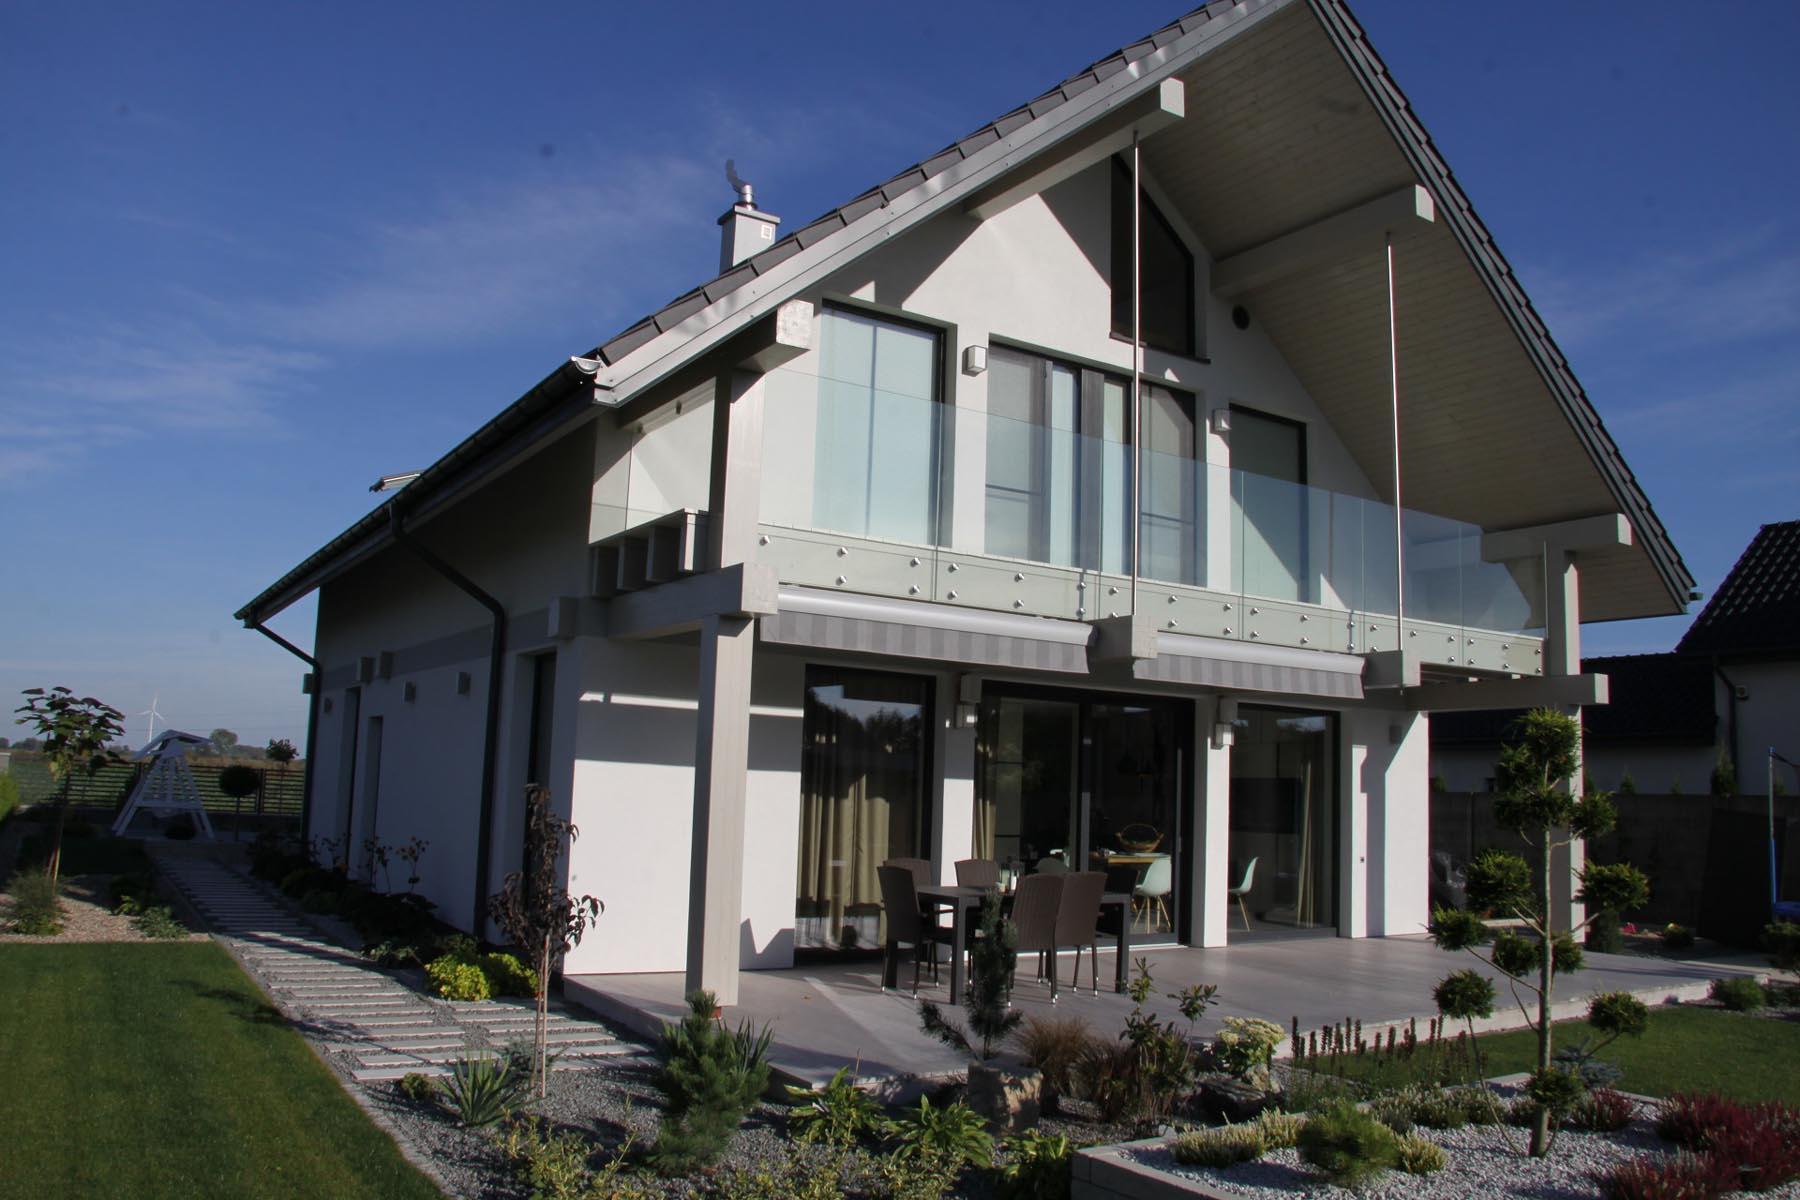 projekt-domu-otwarty-4-fot-10-1477055682-jvjwmpyn.jpg